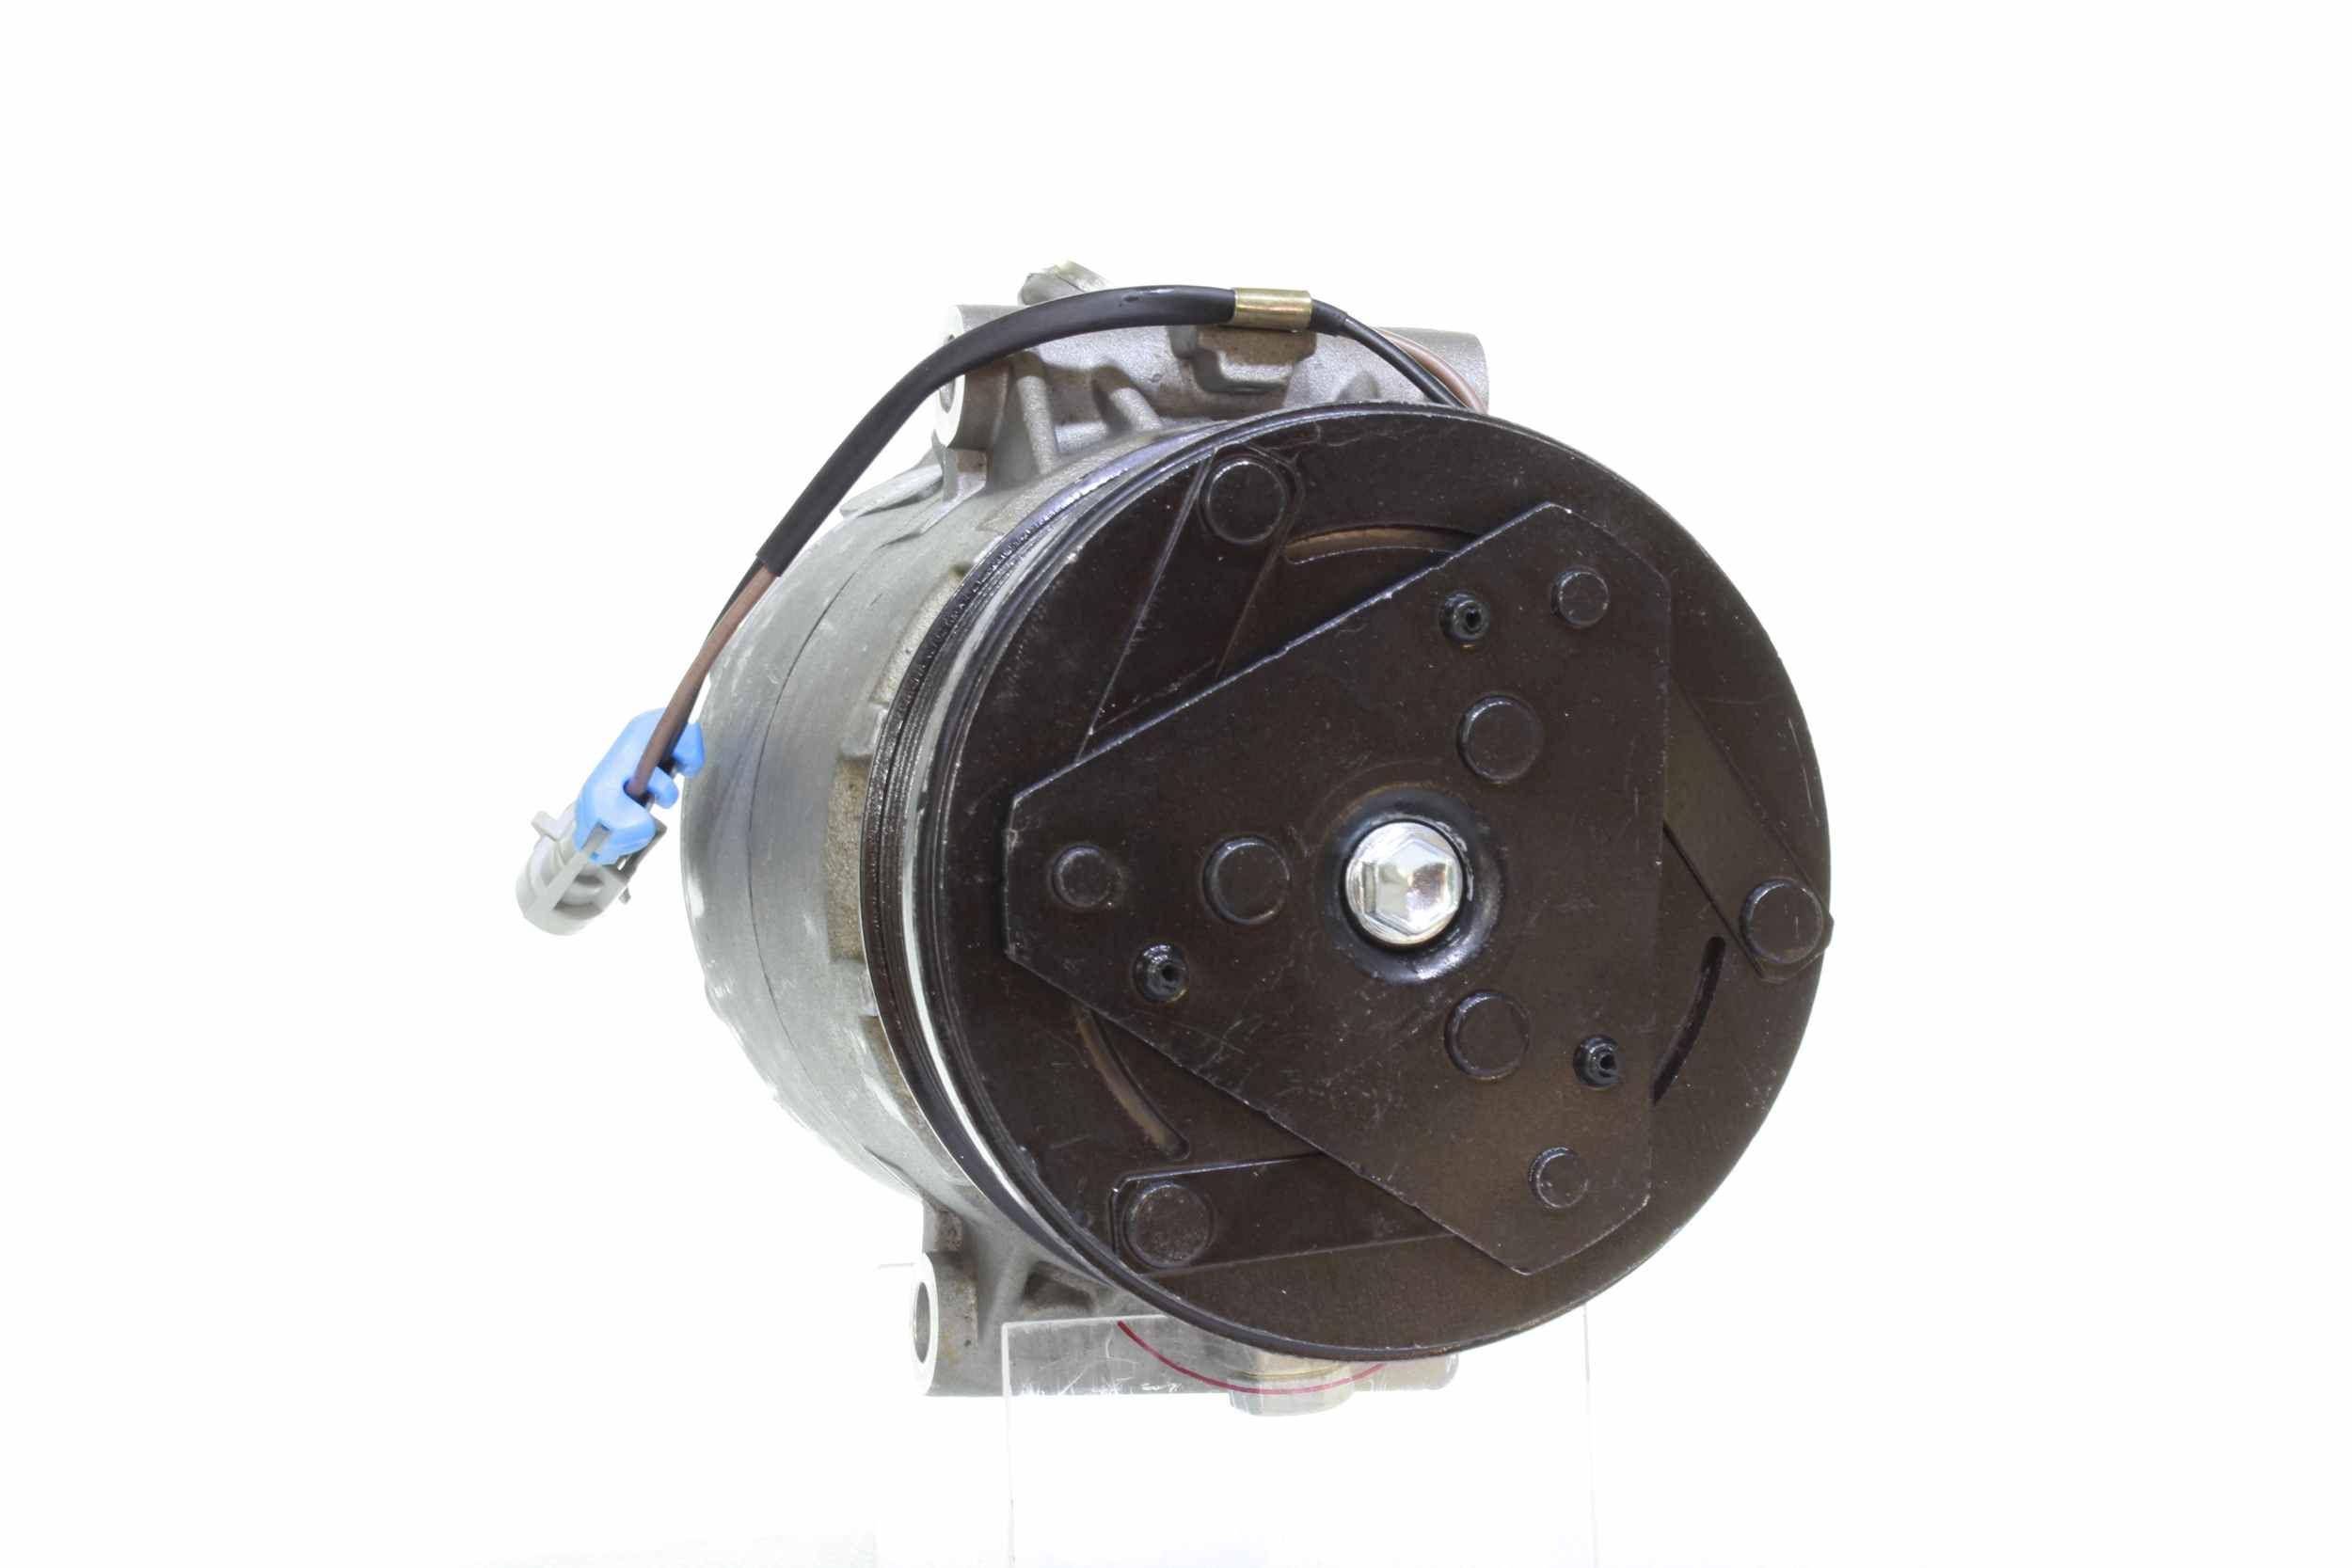 10550072 Kältemittelkompressor ALANKO Erfahrung